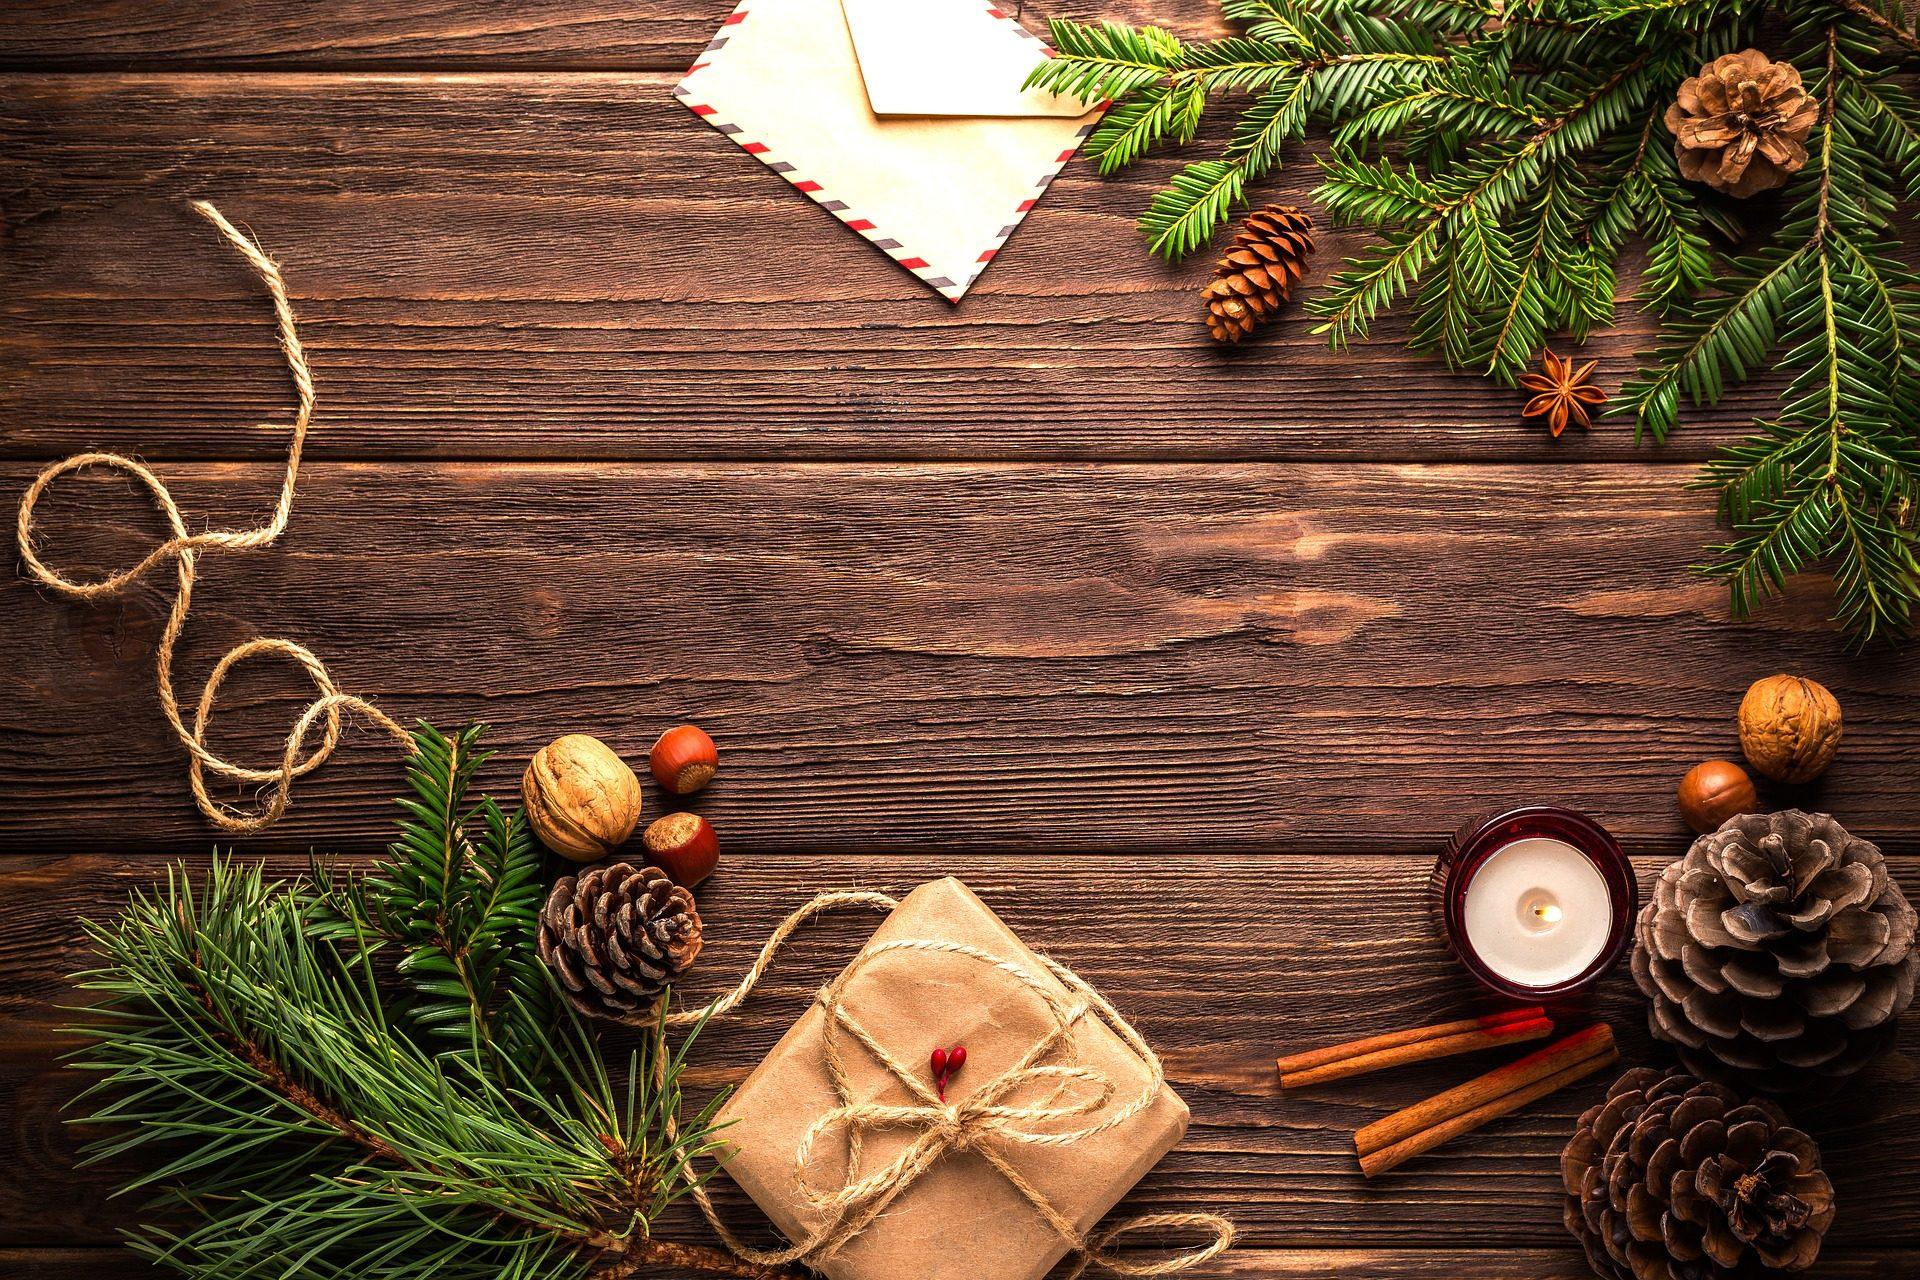 felicitación, tarjeta, cartas, deseos, madera, nuez, navidad - Fondos de Pantalla HD - professor-falken.com